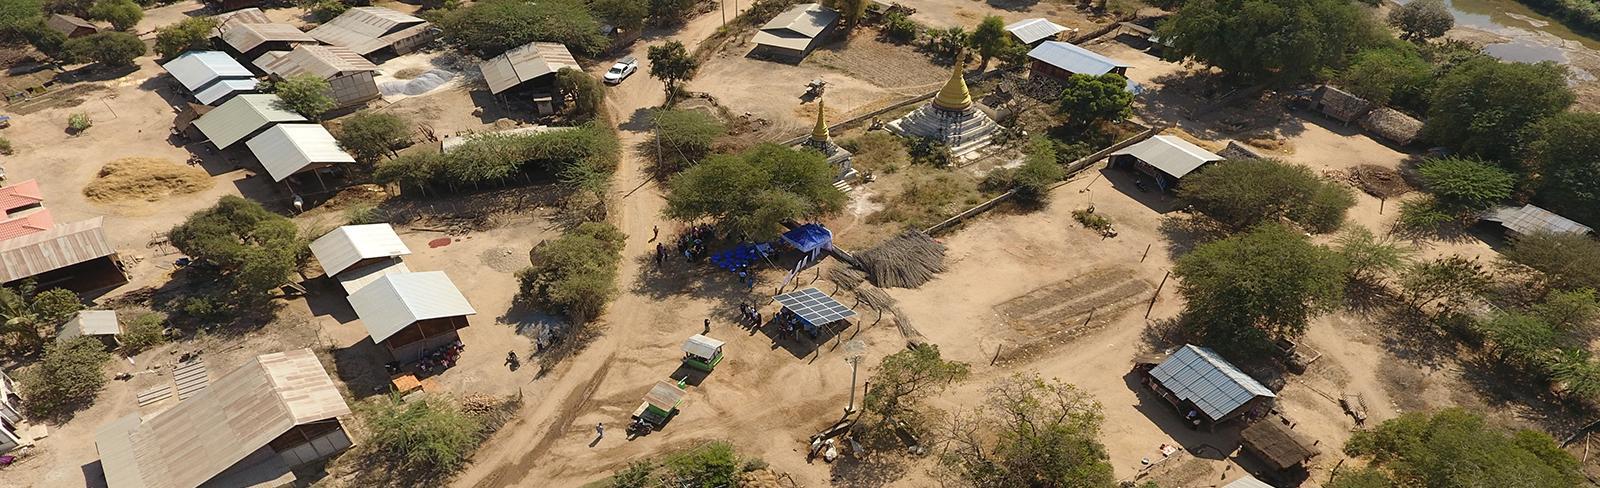 Myanmar aerial view of village